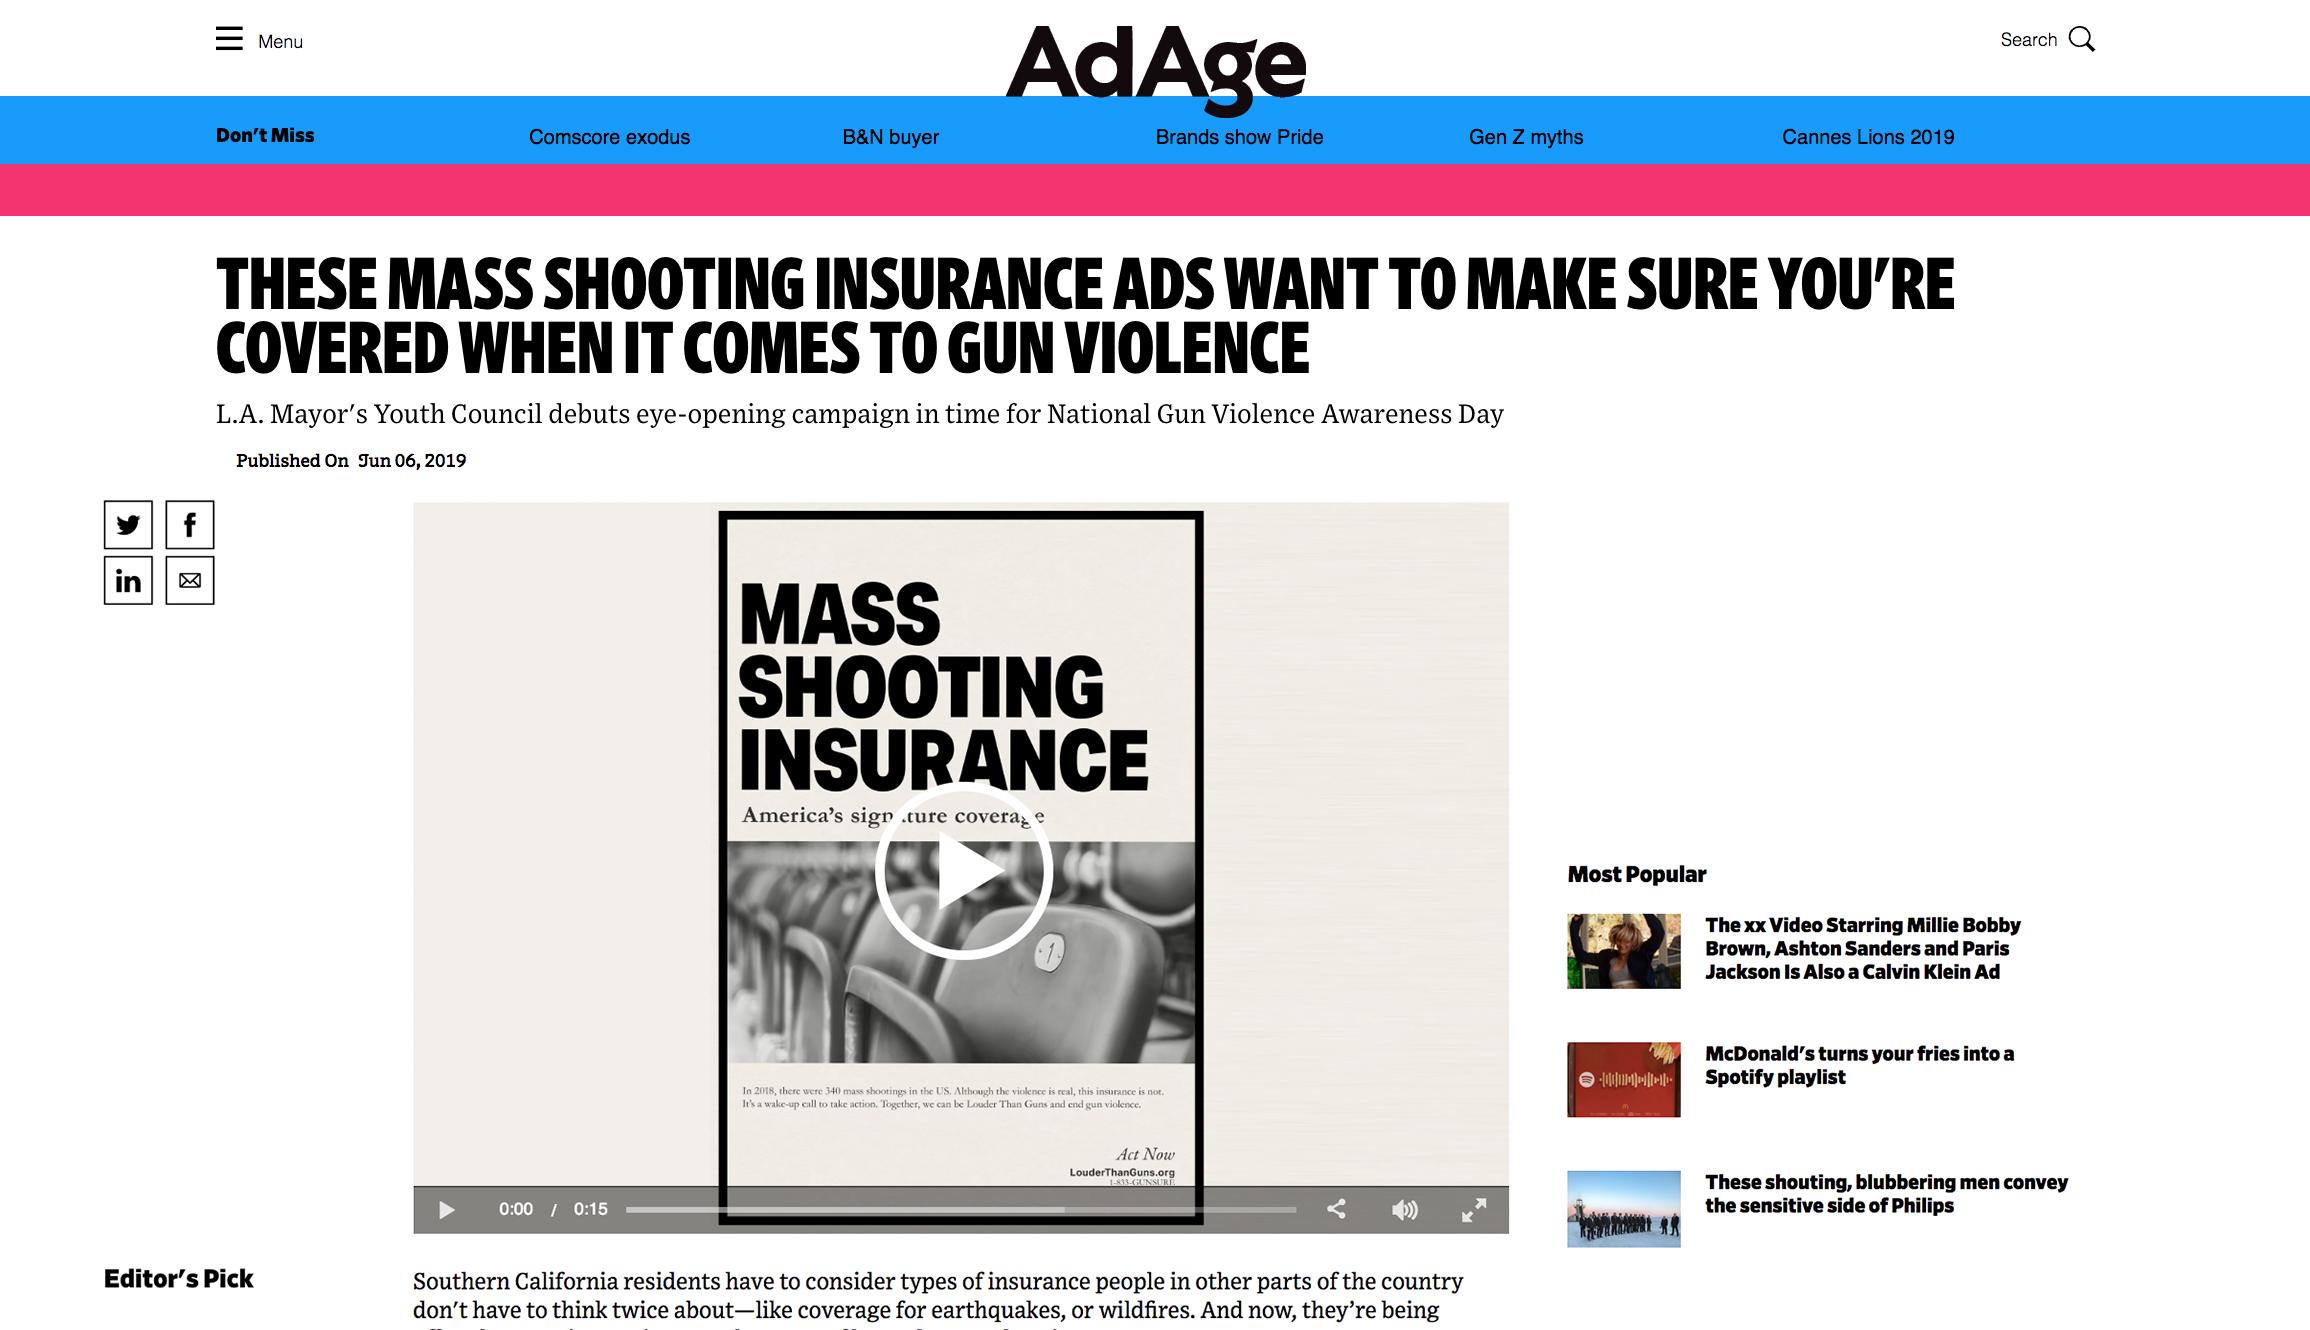 ad age_LTG.png